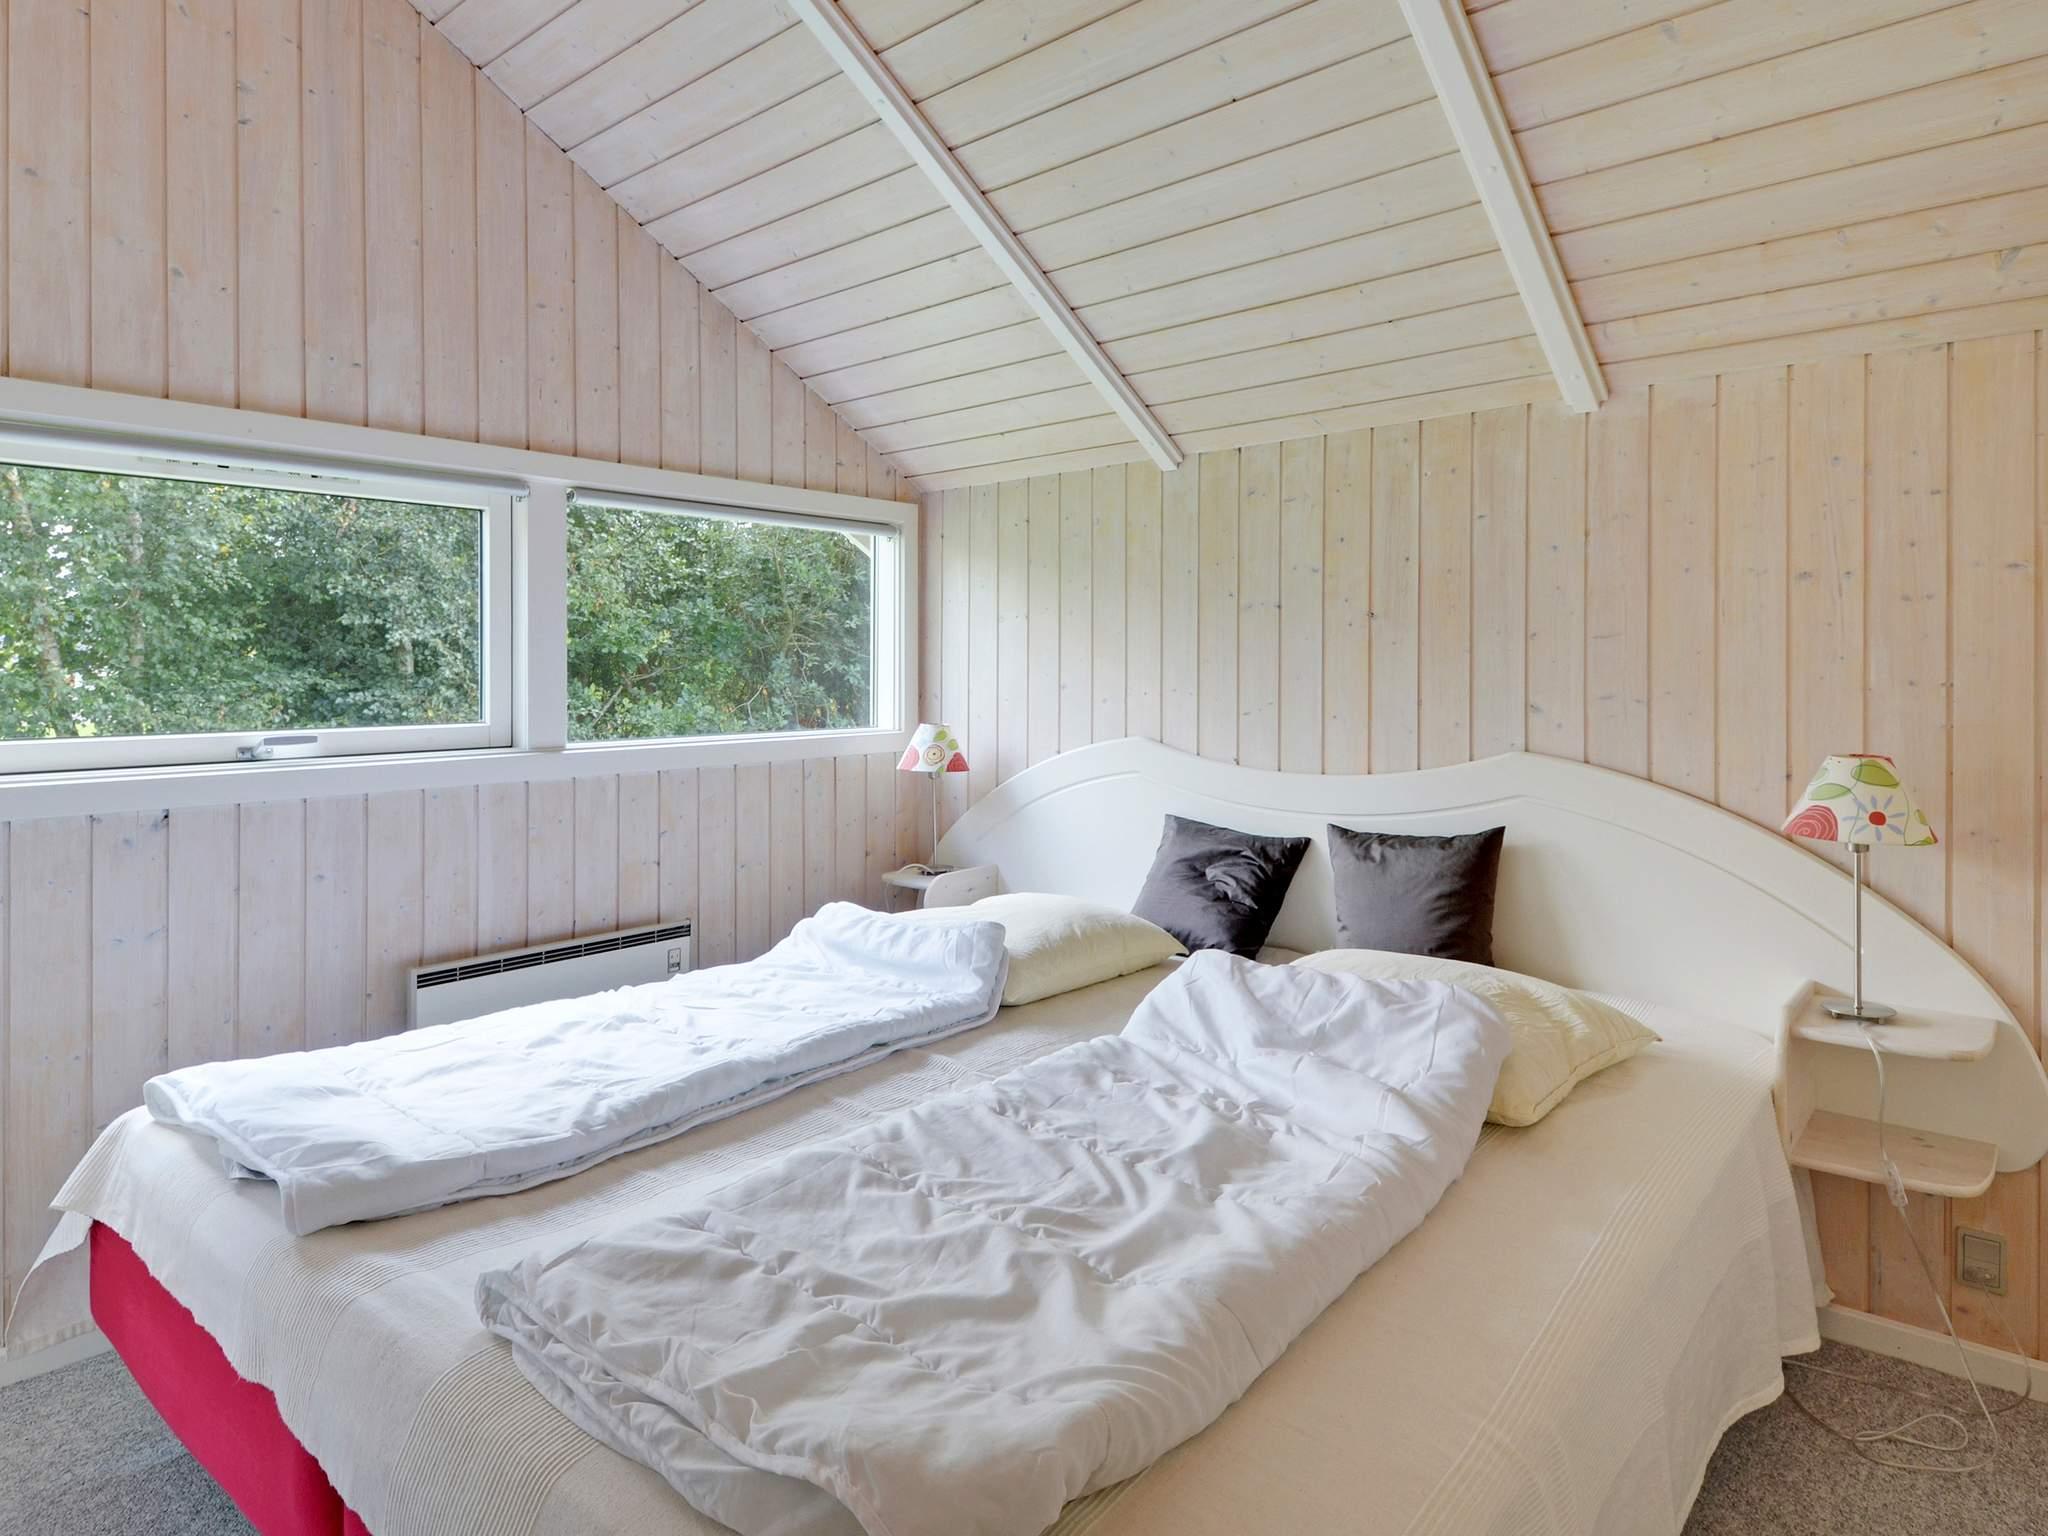 Ferienhaus Bork Havn (420070), Bork Havn, , Westjütland, Dänemark, Bild 8